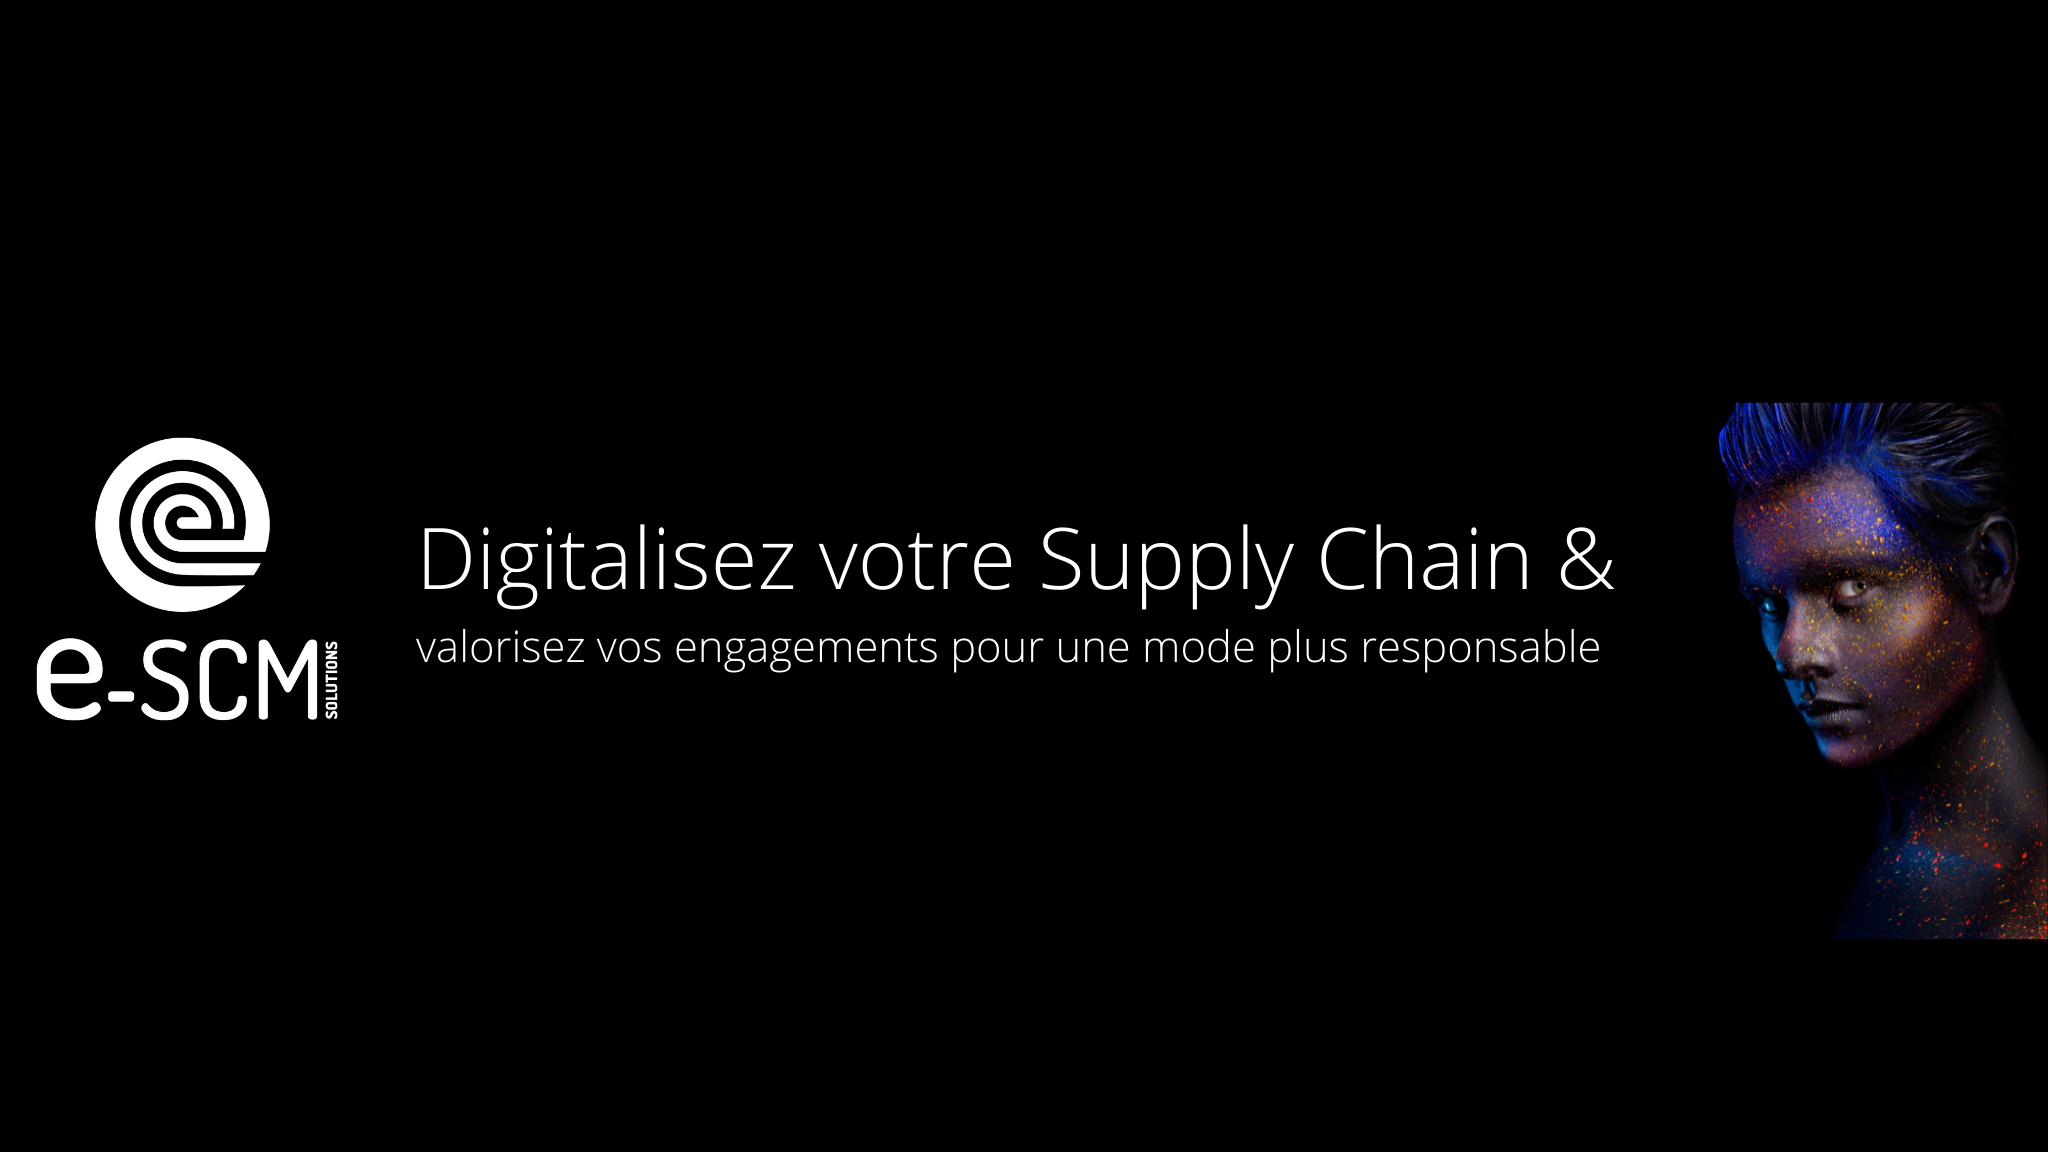 Avis e-SCM, Portail Fournisseurs : Superviser et piloter vos approvisionnements textiles - Appvizer